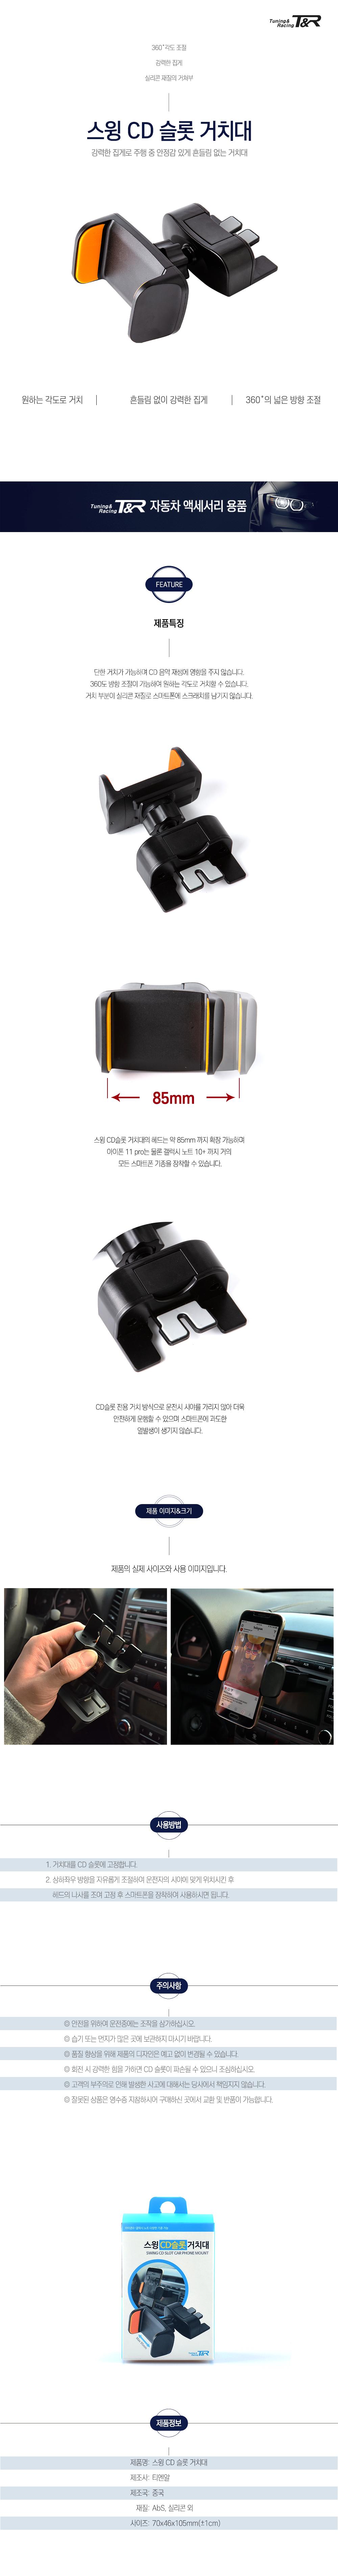 066. 스윙 CD슬롯 거치대 수정.png